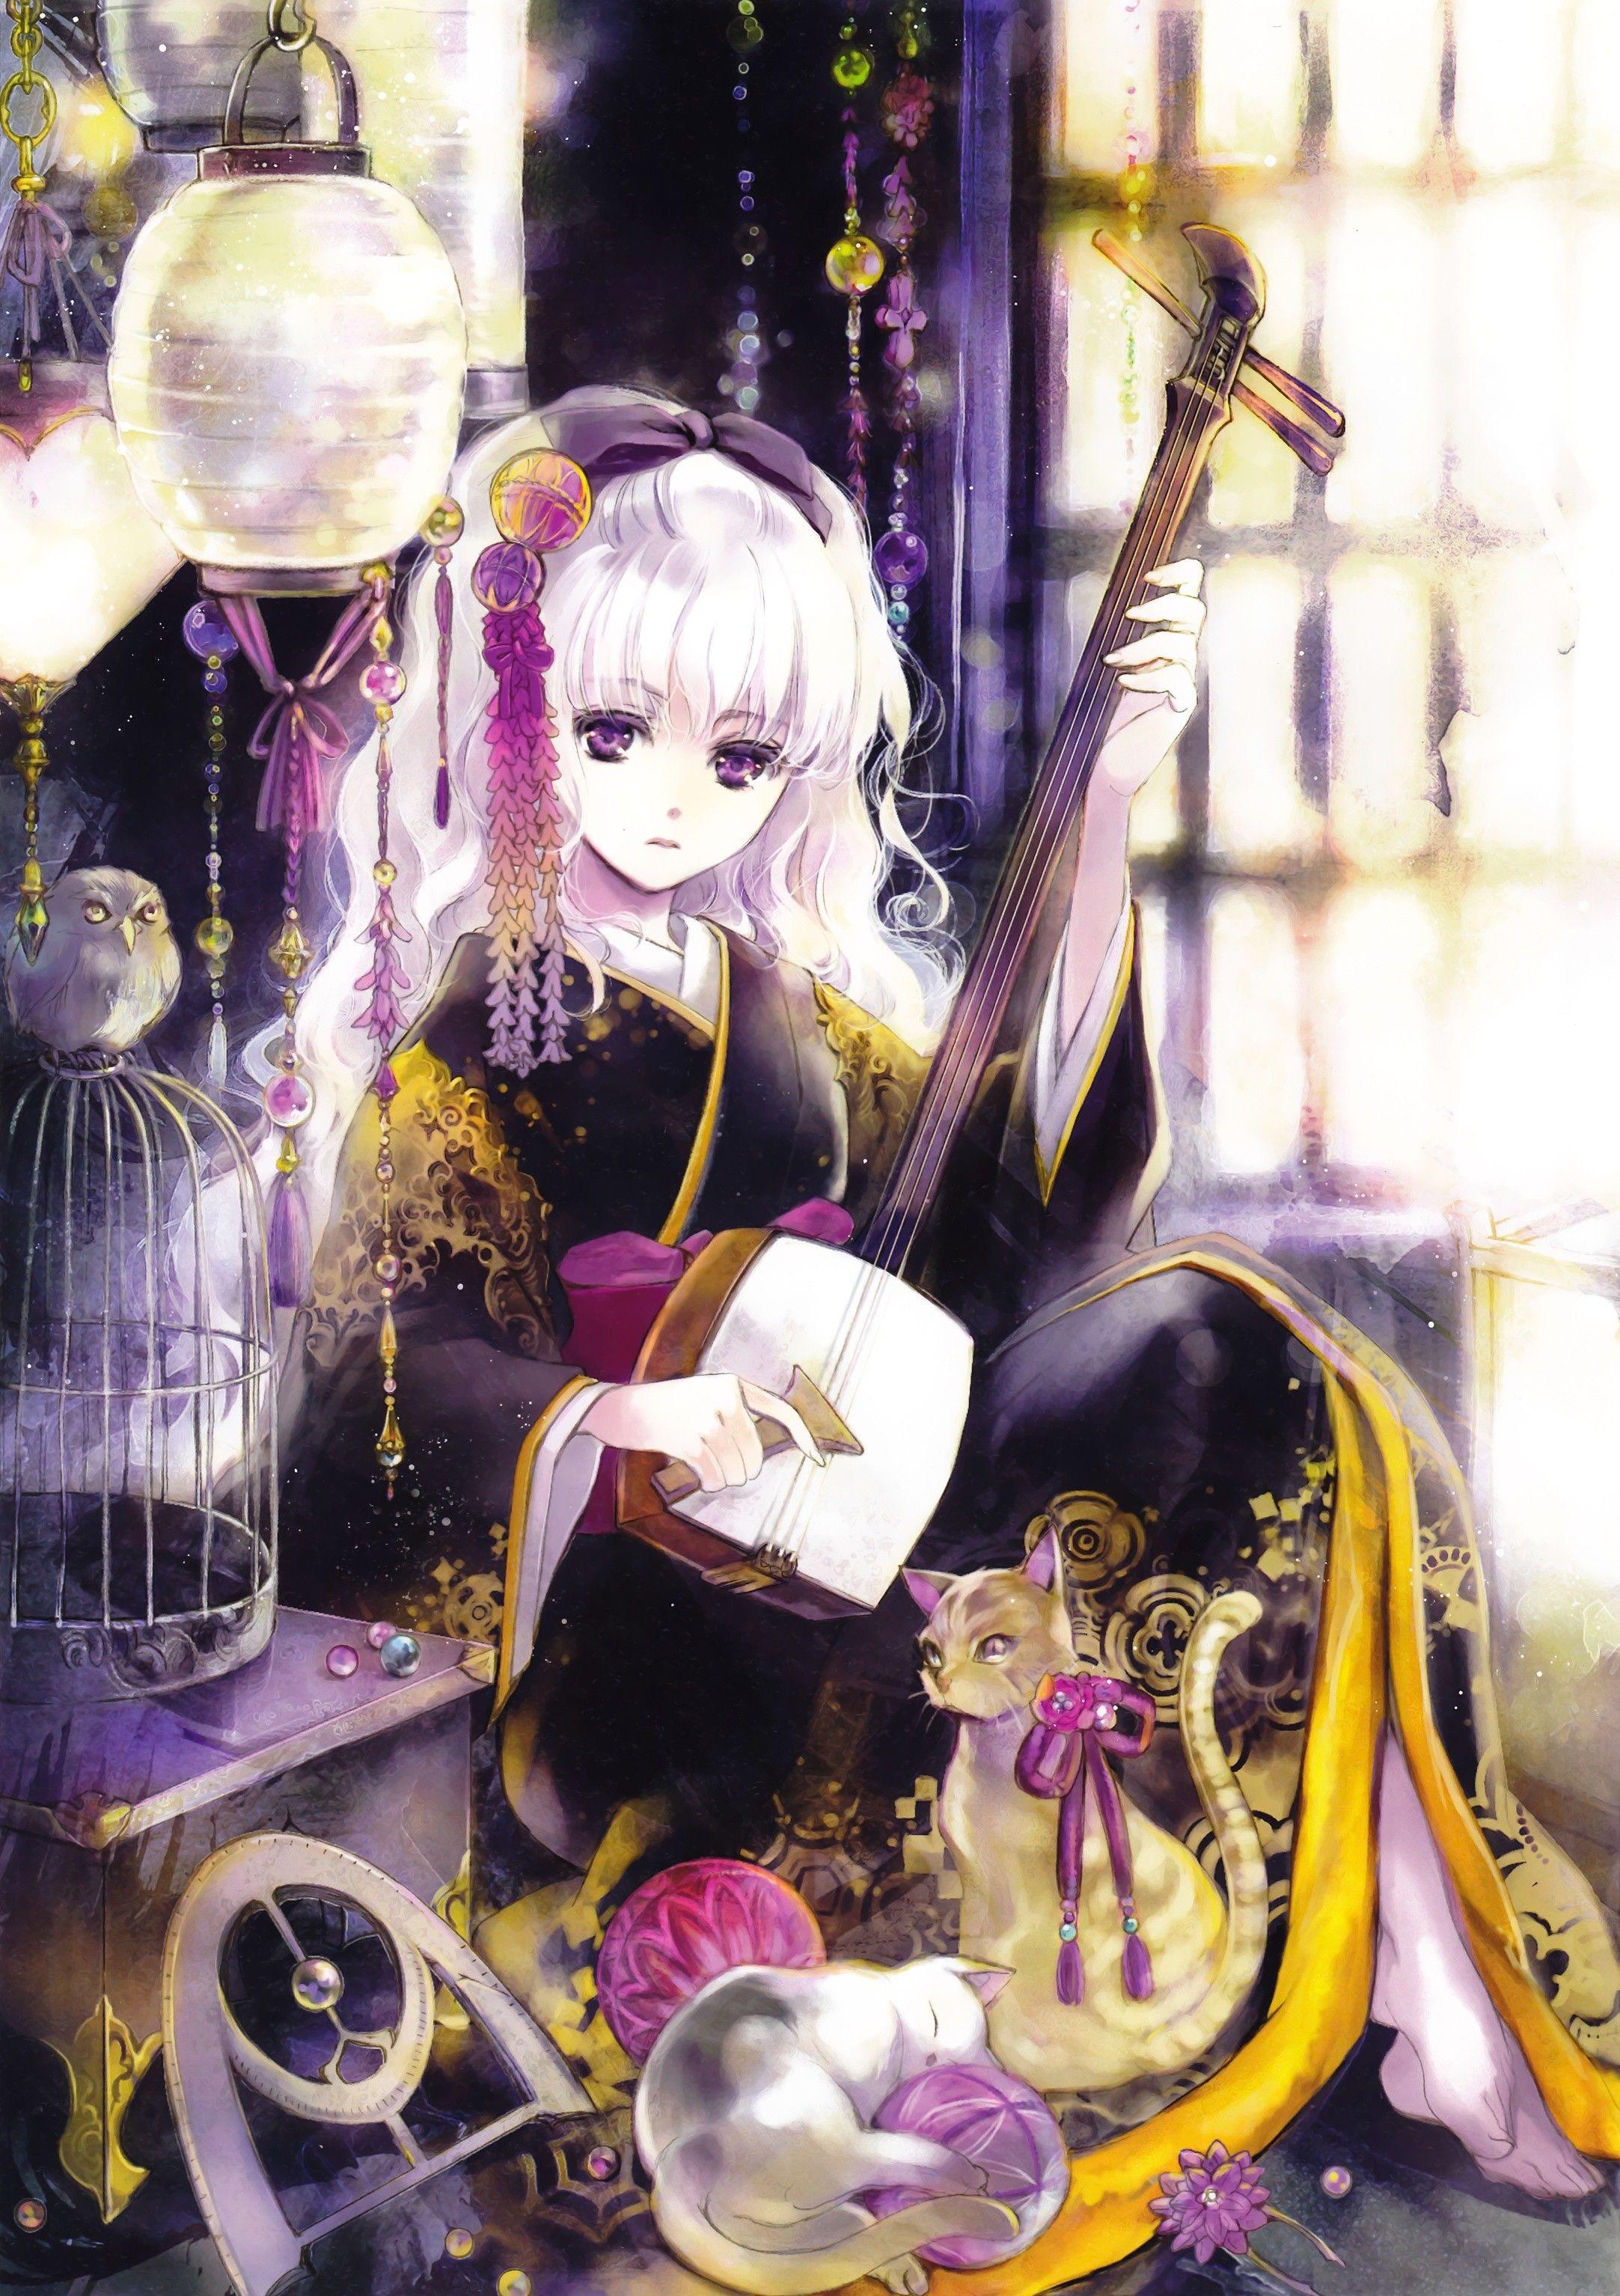 Pretty Anime Anime Kimono Anime Japanese Illustration